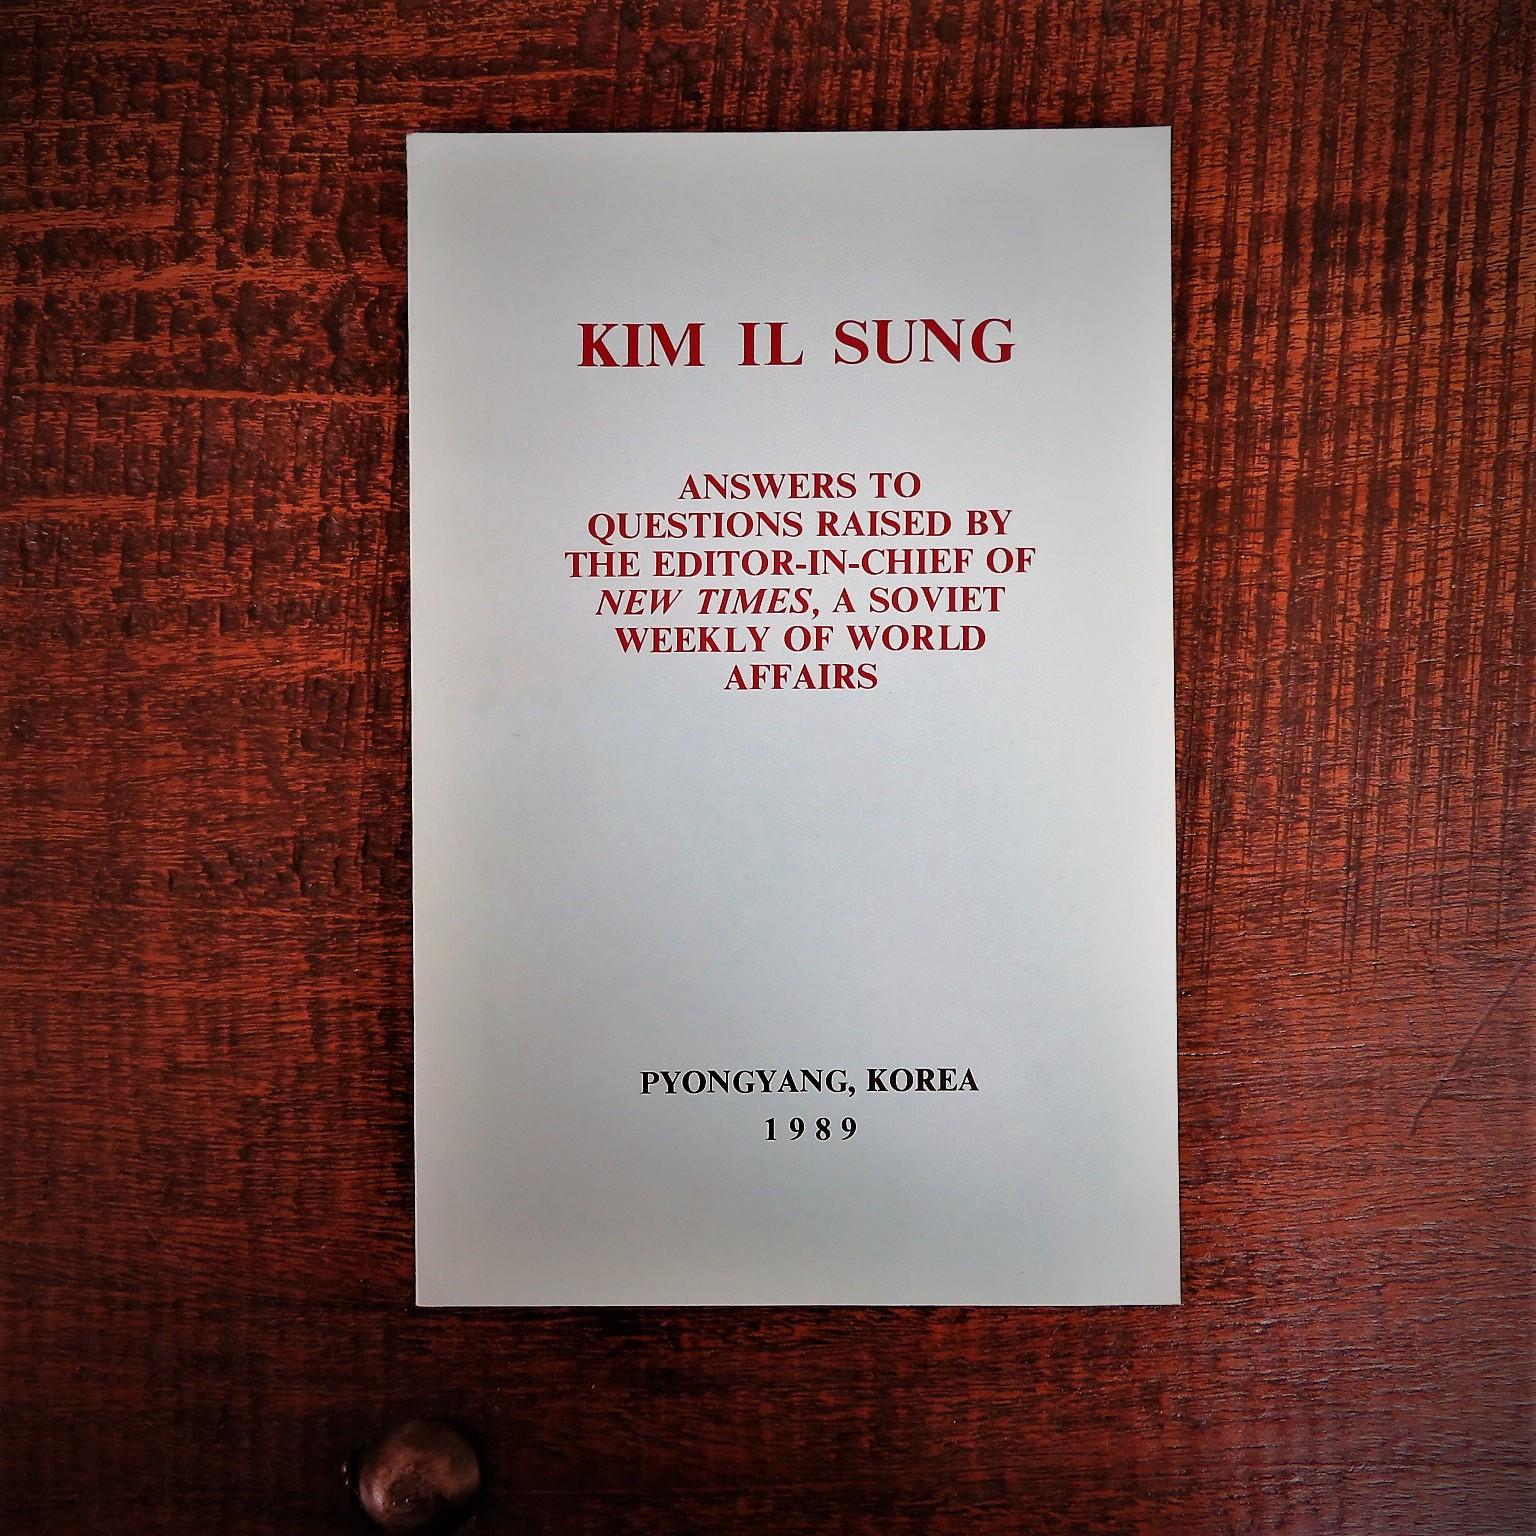 north-korea-books-1